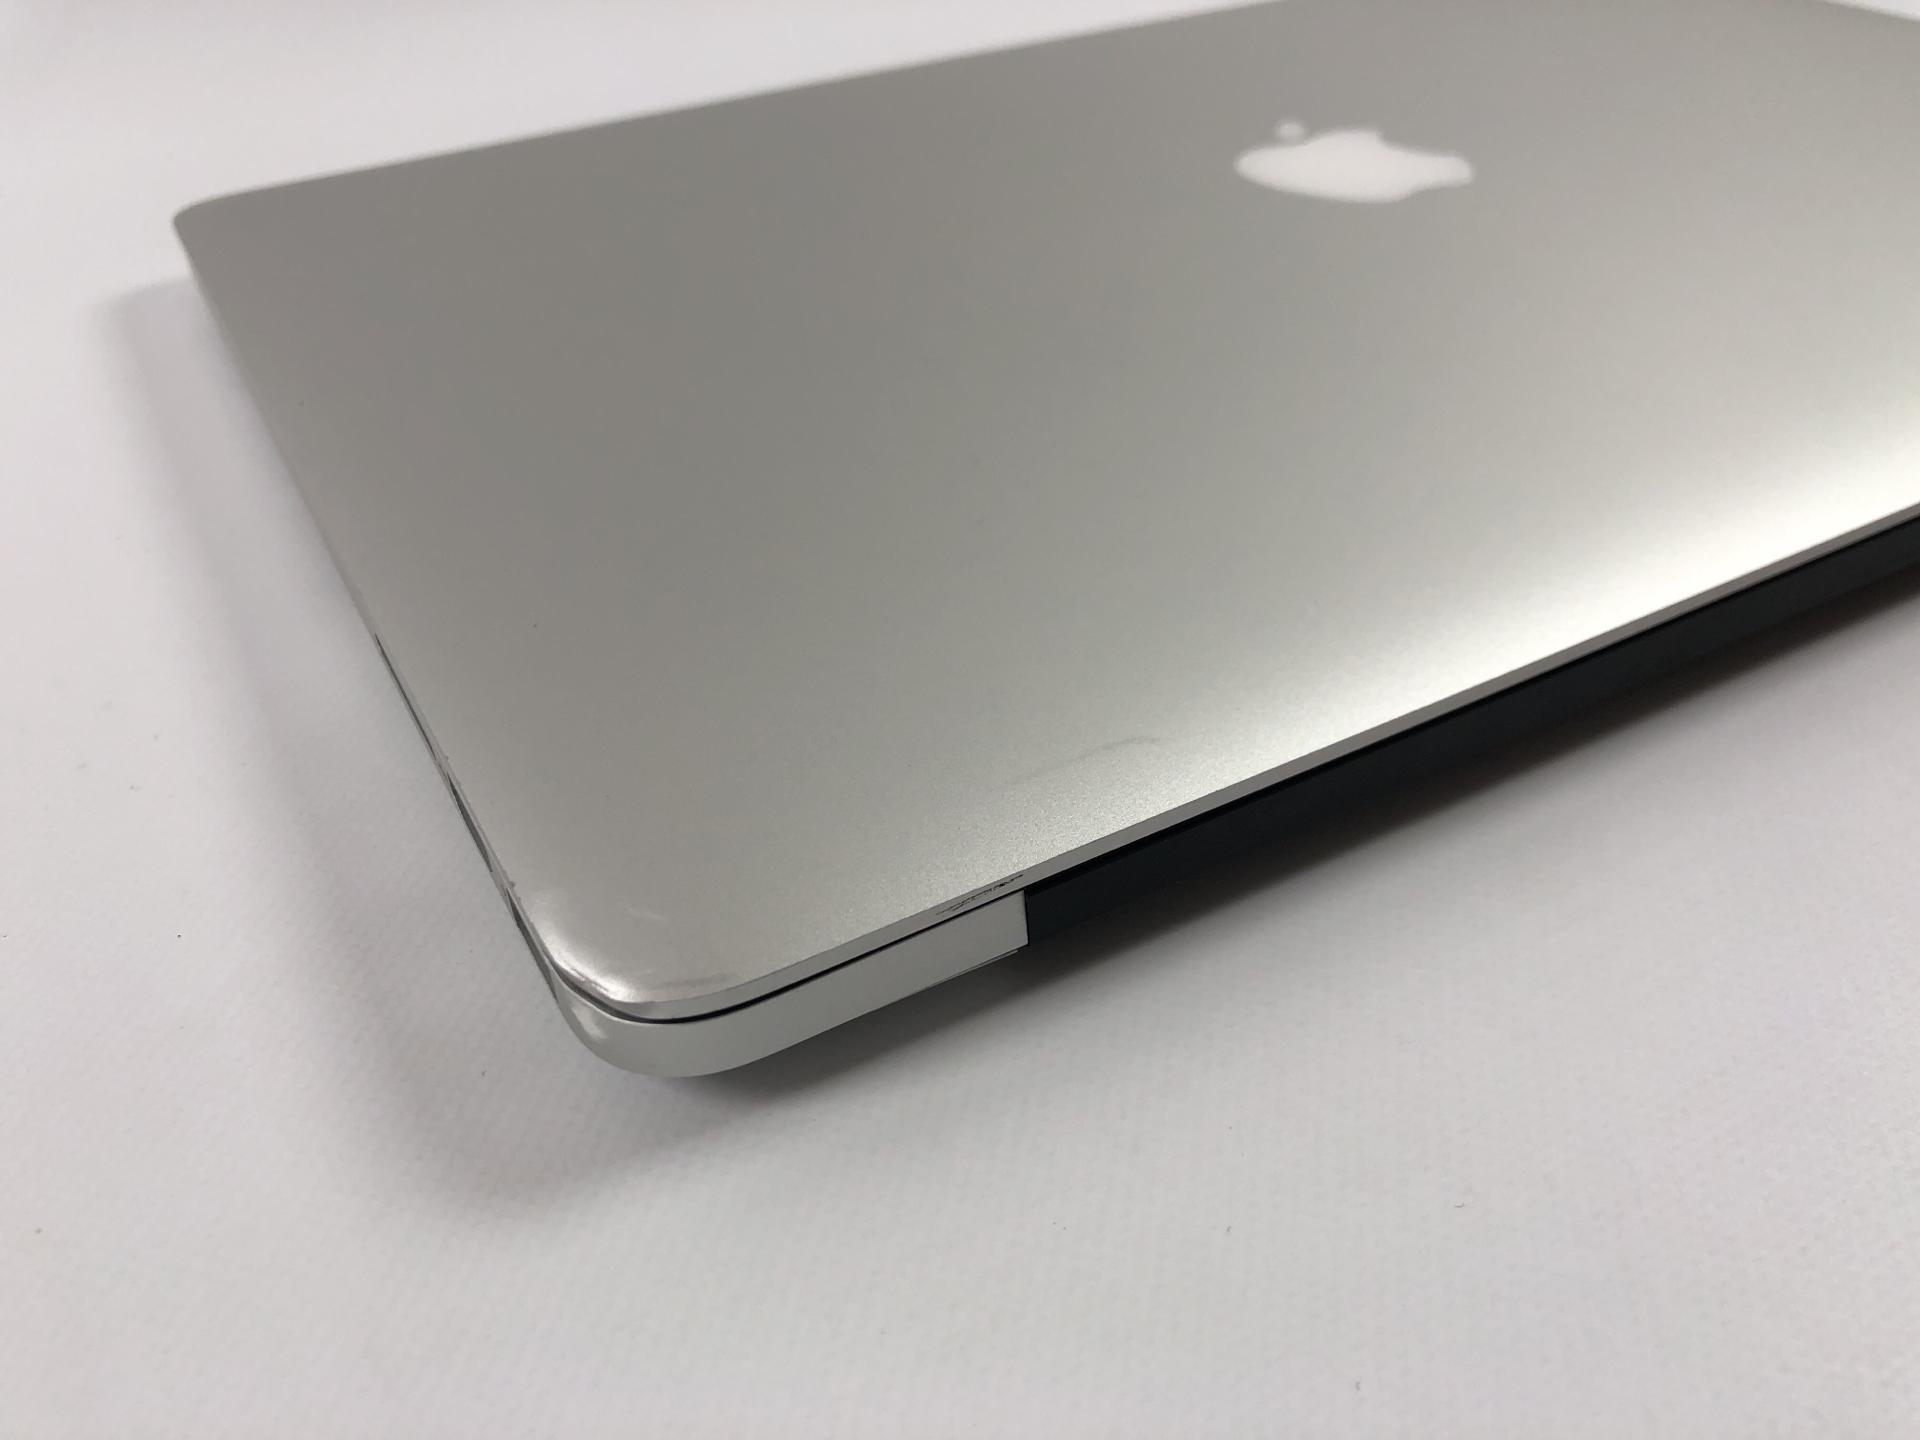 """MacBook Pro Retina 15"""" Mid 2015 (Intel Quad-Core i7 2.5 GHz 16 GB RAM 512 GB SSD), Intel Quad-Core i7 2.5 GHz, 16 GB RAM, 512 GB SSD, Bild 4"""